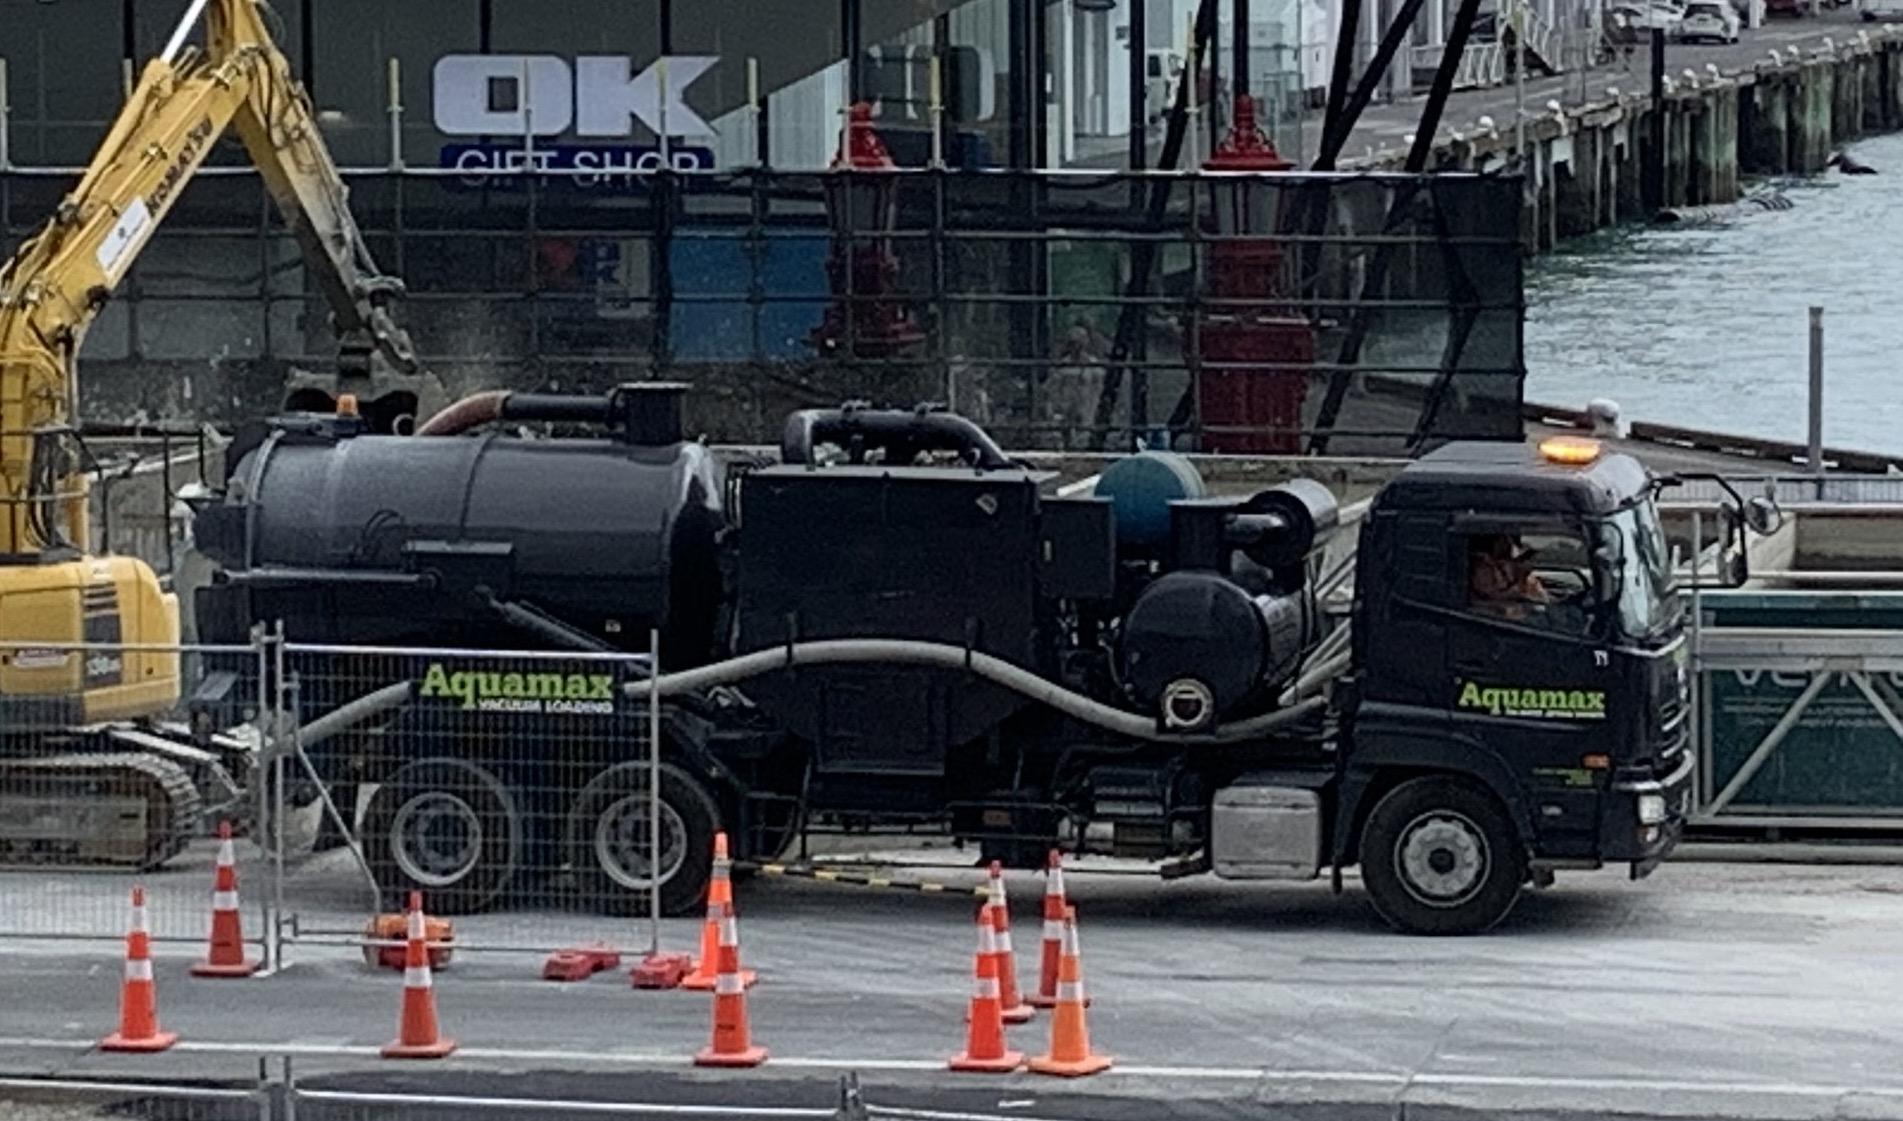 Aquamax's new Vacuum truck